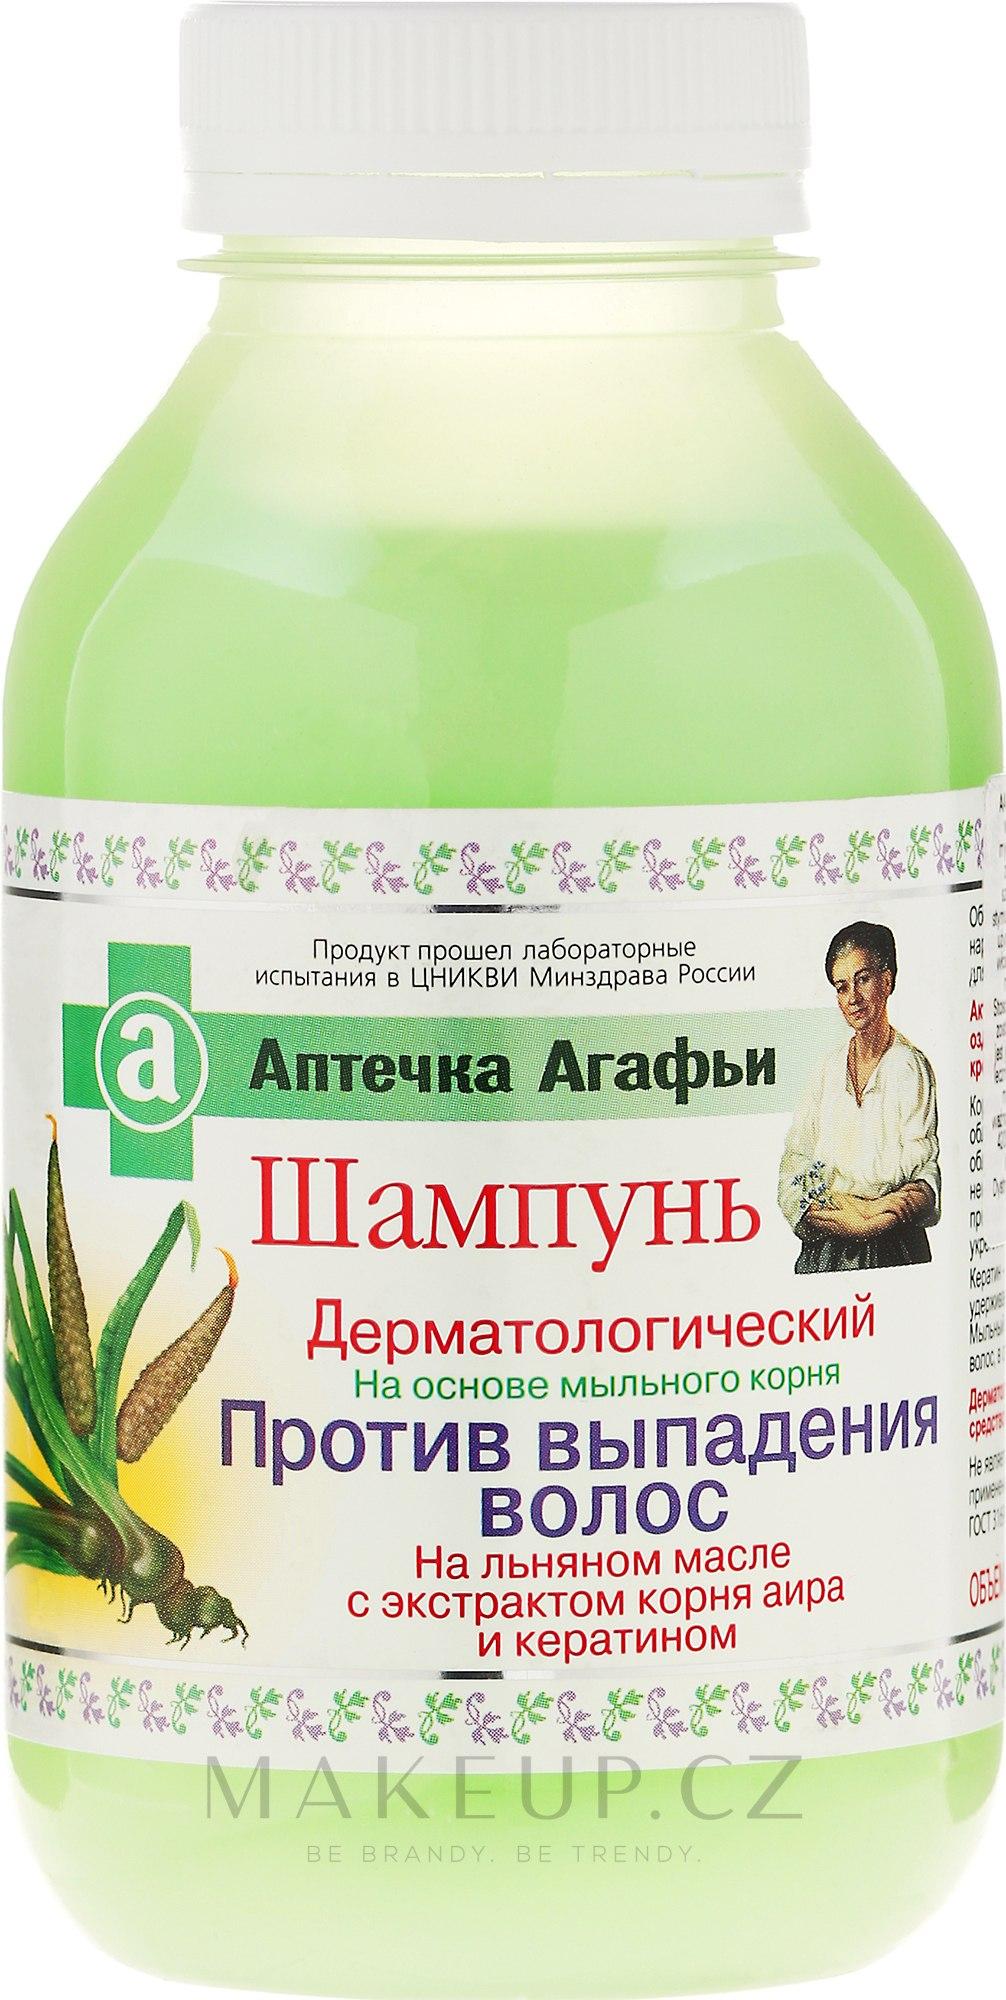 Šampon proti vypadávání vlasů - Recepty babičky Agafyy Lékárnička Agafií  — foto 300 ml